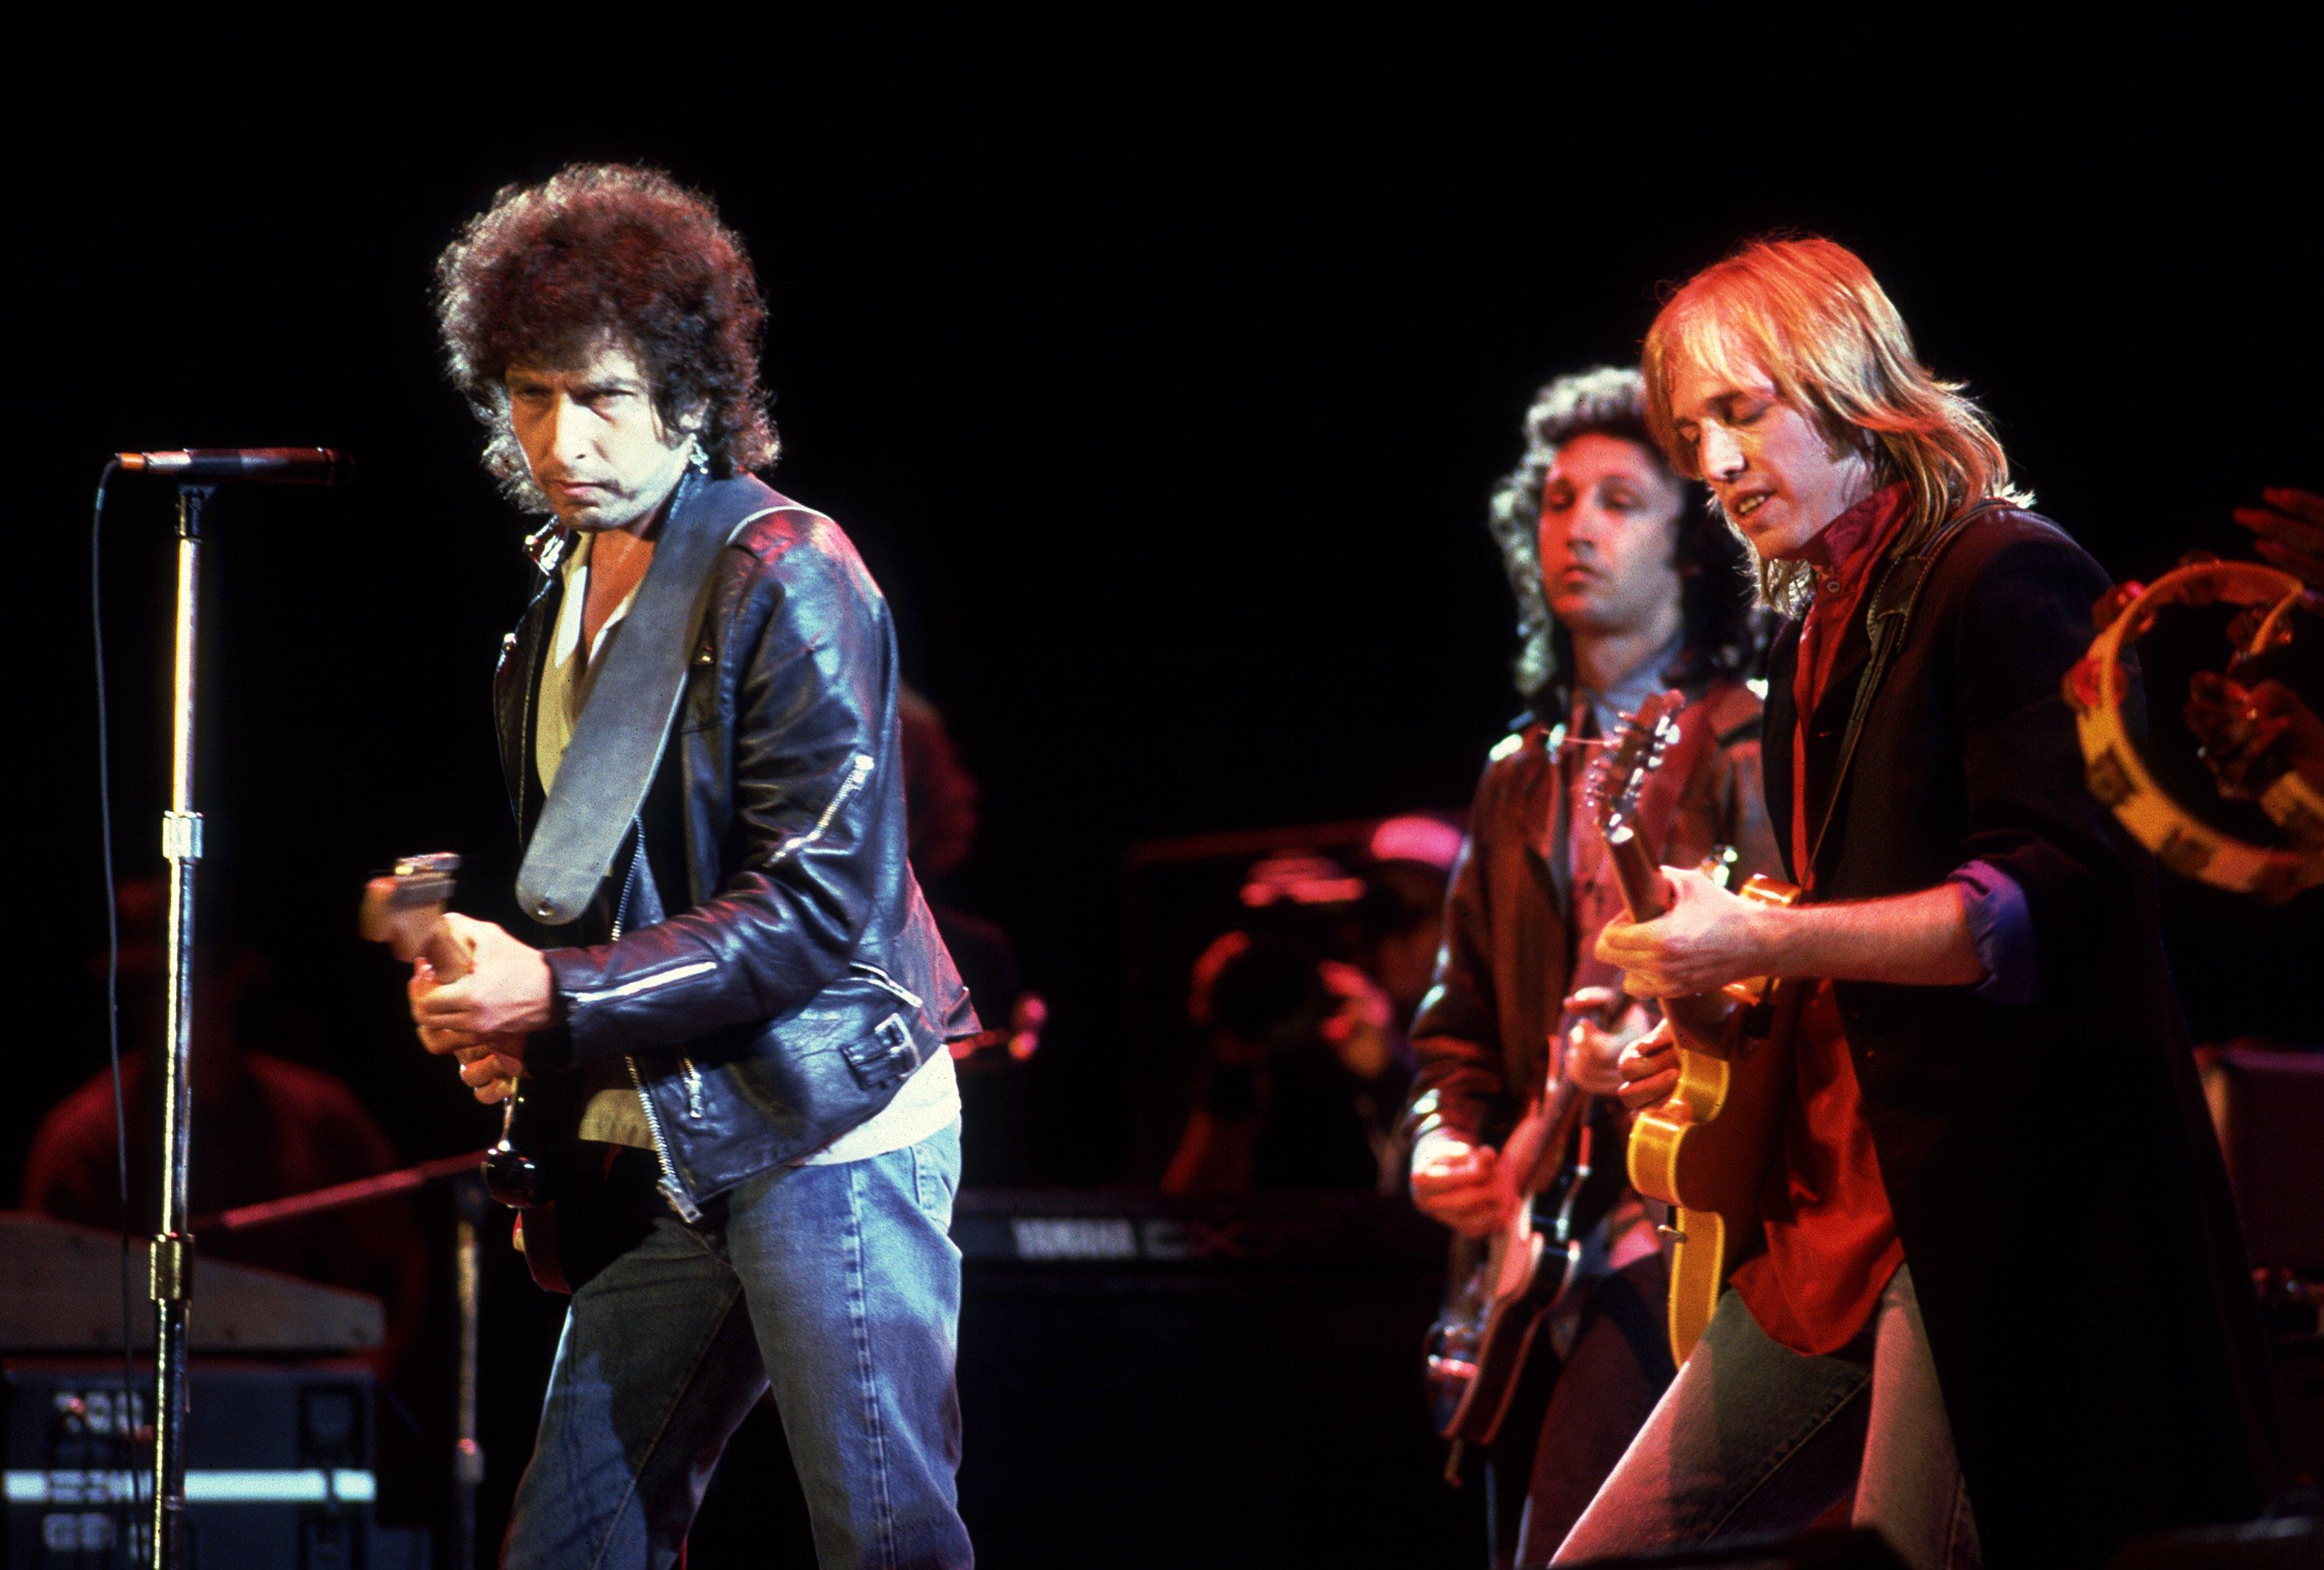 Tom Petty Heartbreakers Rock Heartland Blues Hard Tom Petty Bob